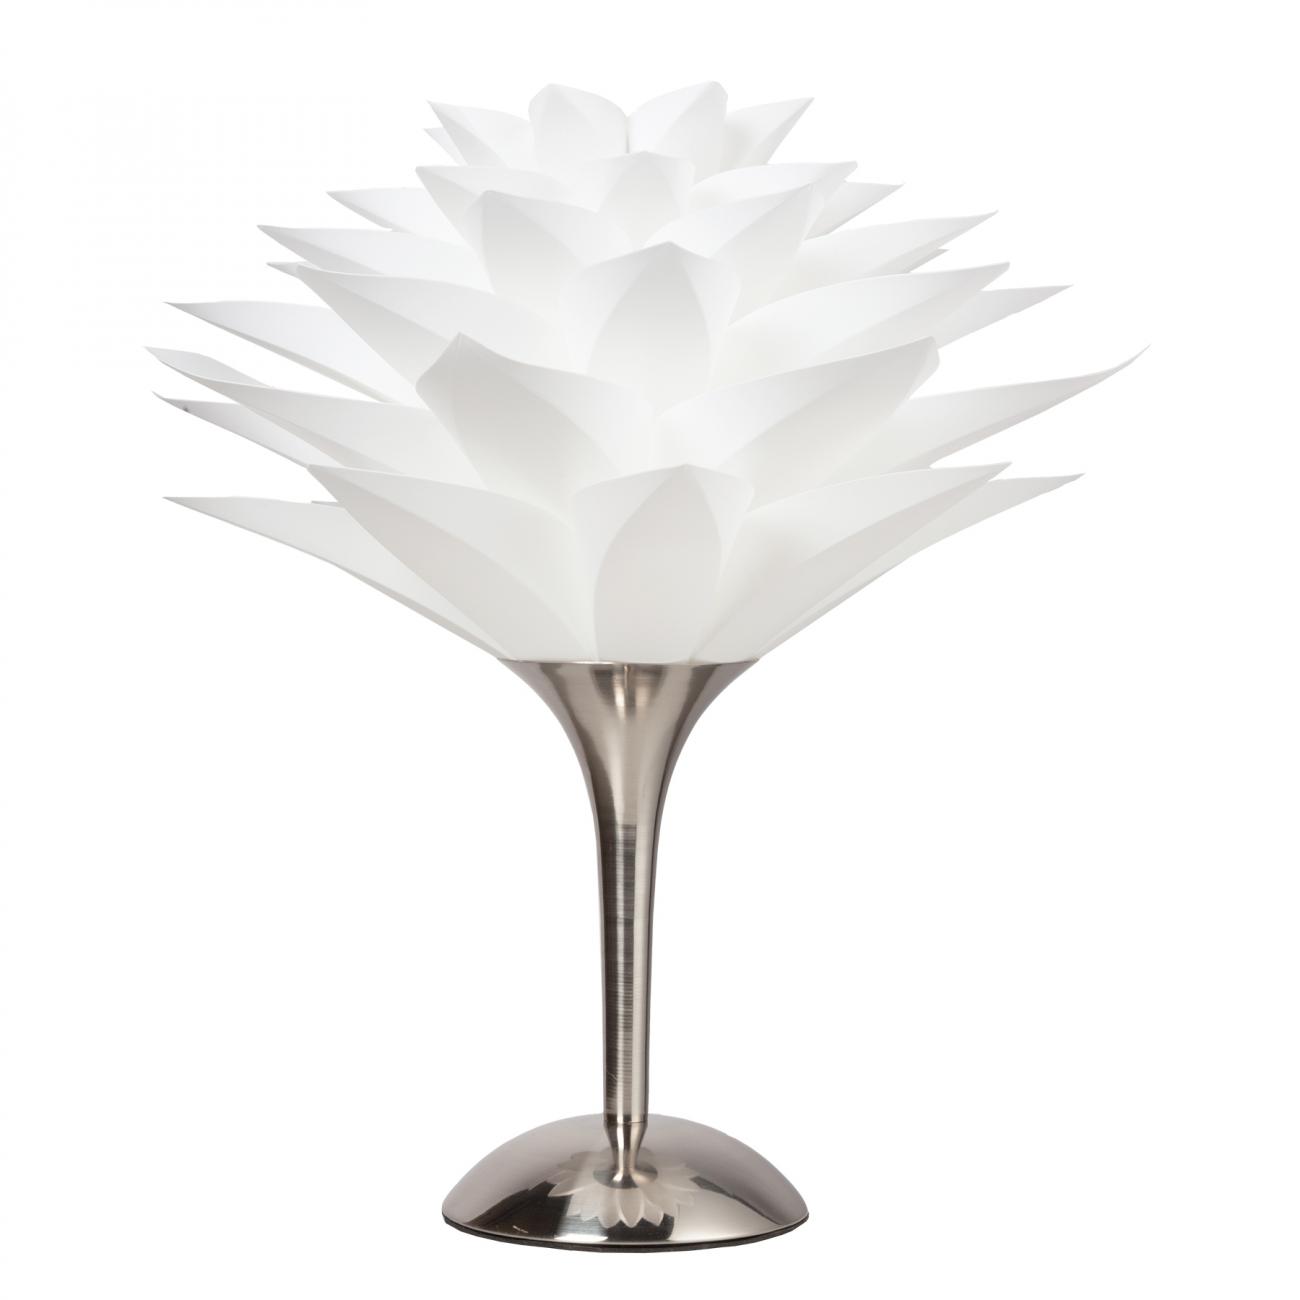 Купить Настольная лампа Artik в интернет магазине дизайнерской мебели и аксессуаров для дома и дачи